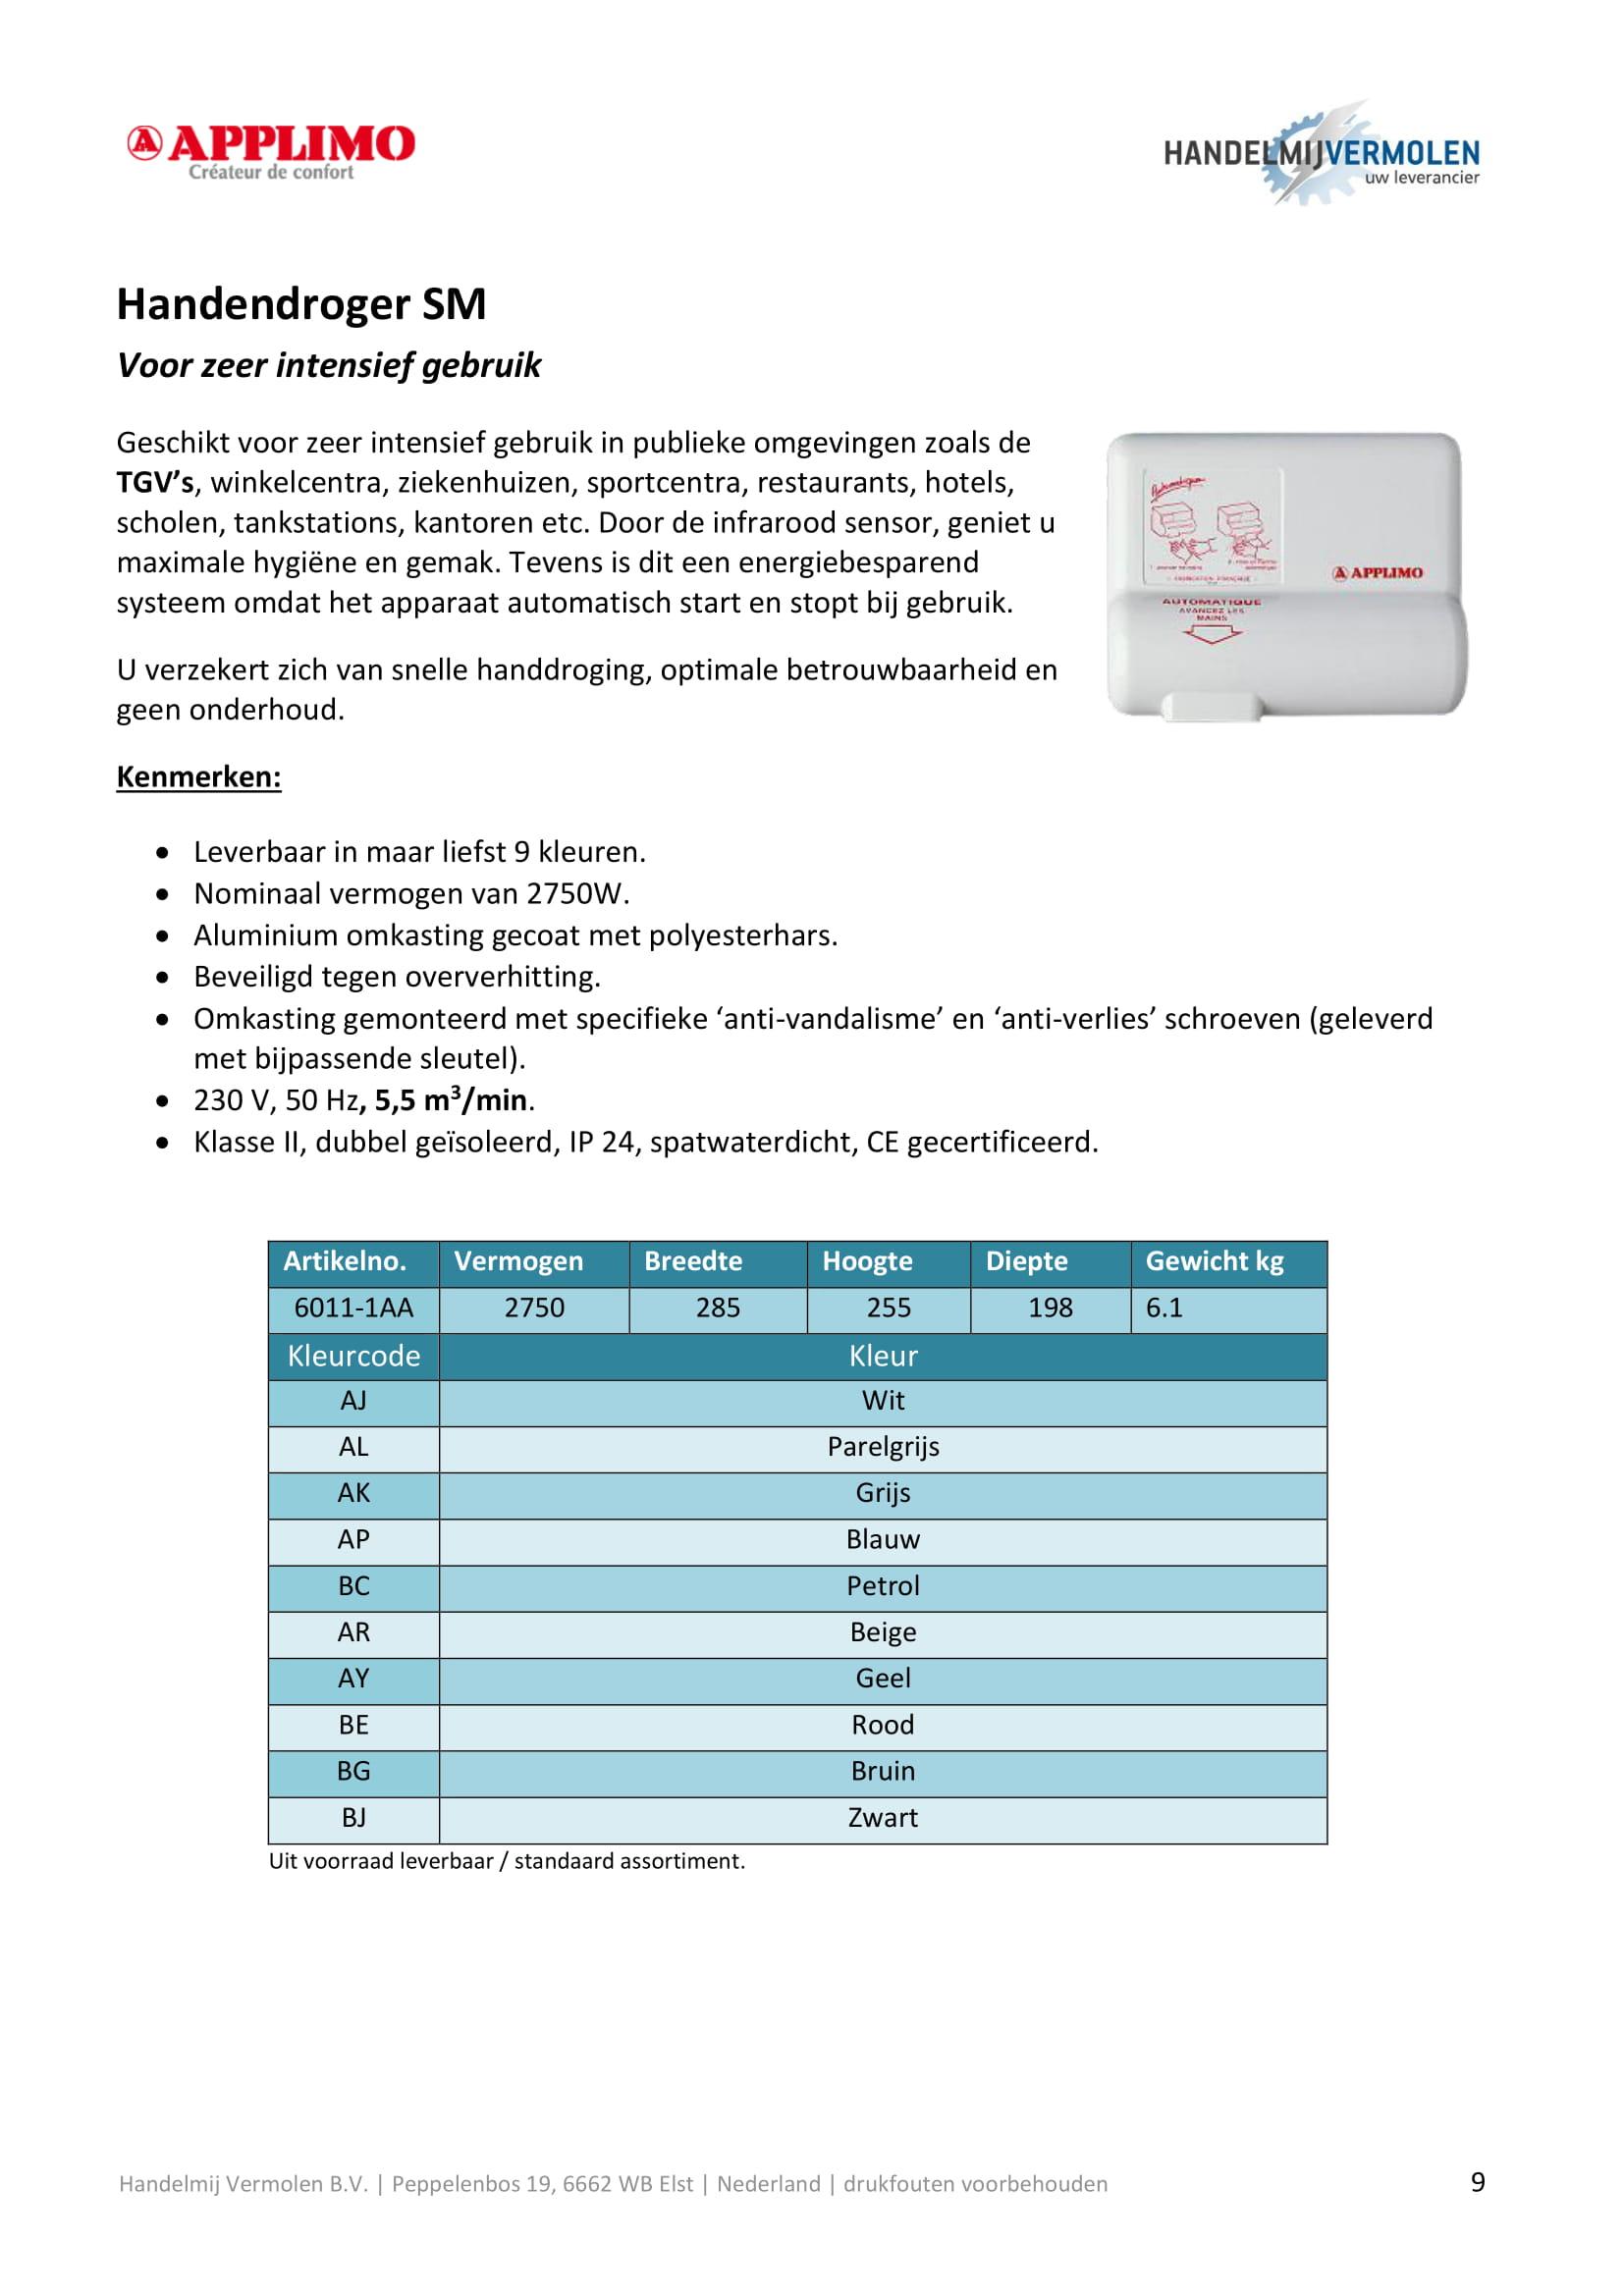 Applimo_productlijst_2021-11